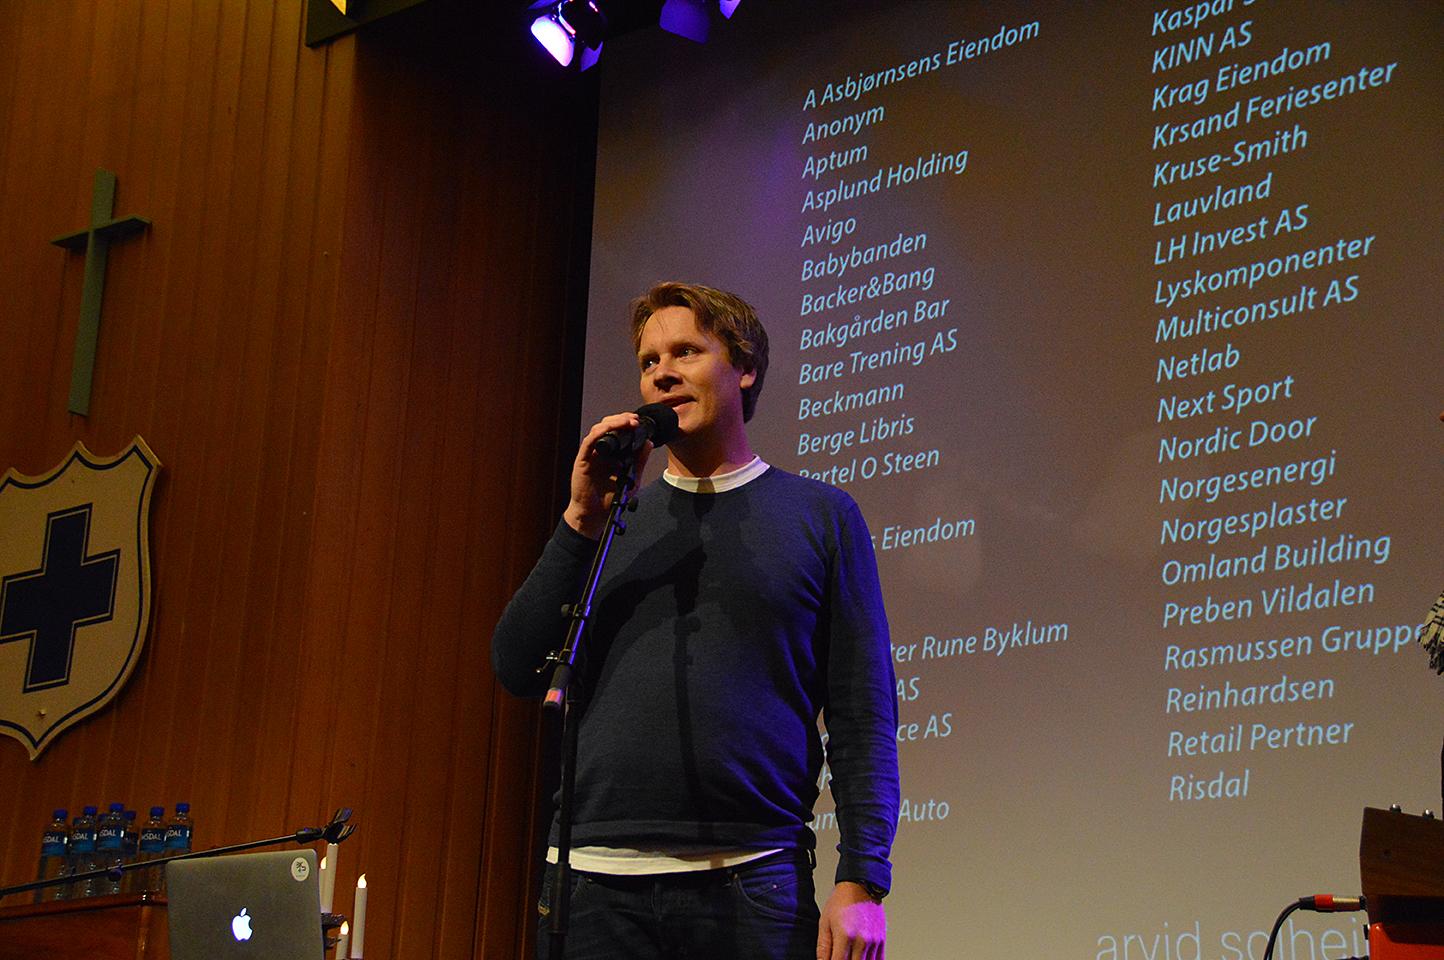 VELVILLIGE GIVERE: Markedsansvarlig I Blå Kors, Henning Reme, Presenterte Listen Over Givere Under En Konsert På Blå Kors.